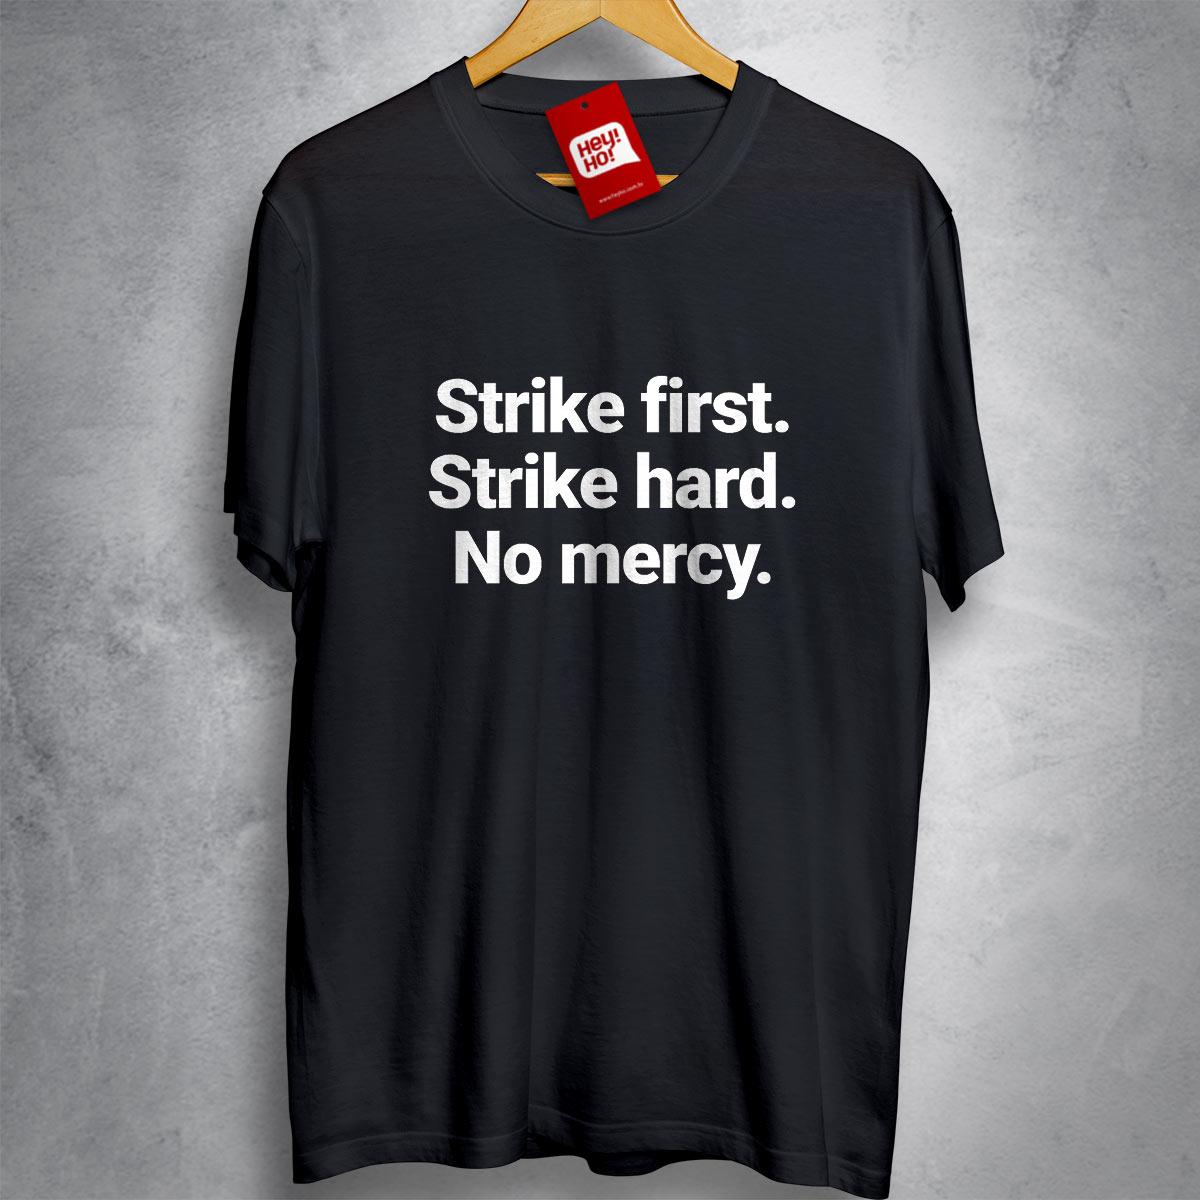 COBRA KAI - Strike first